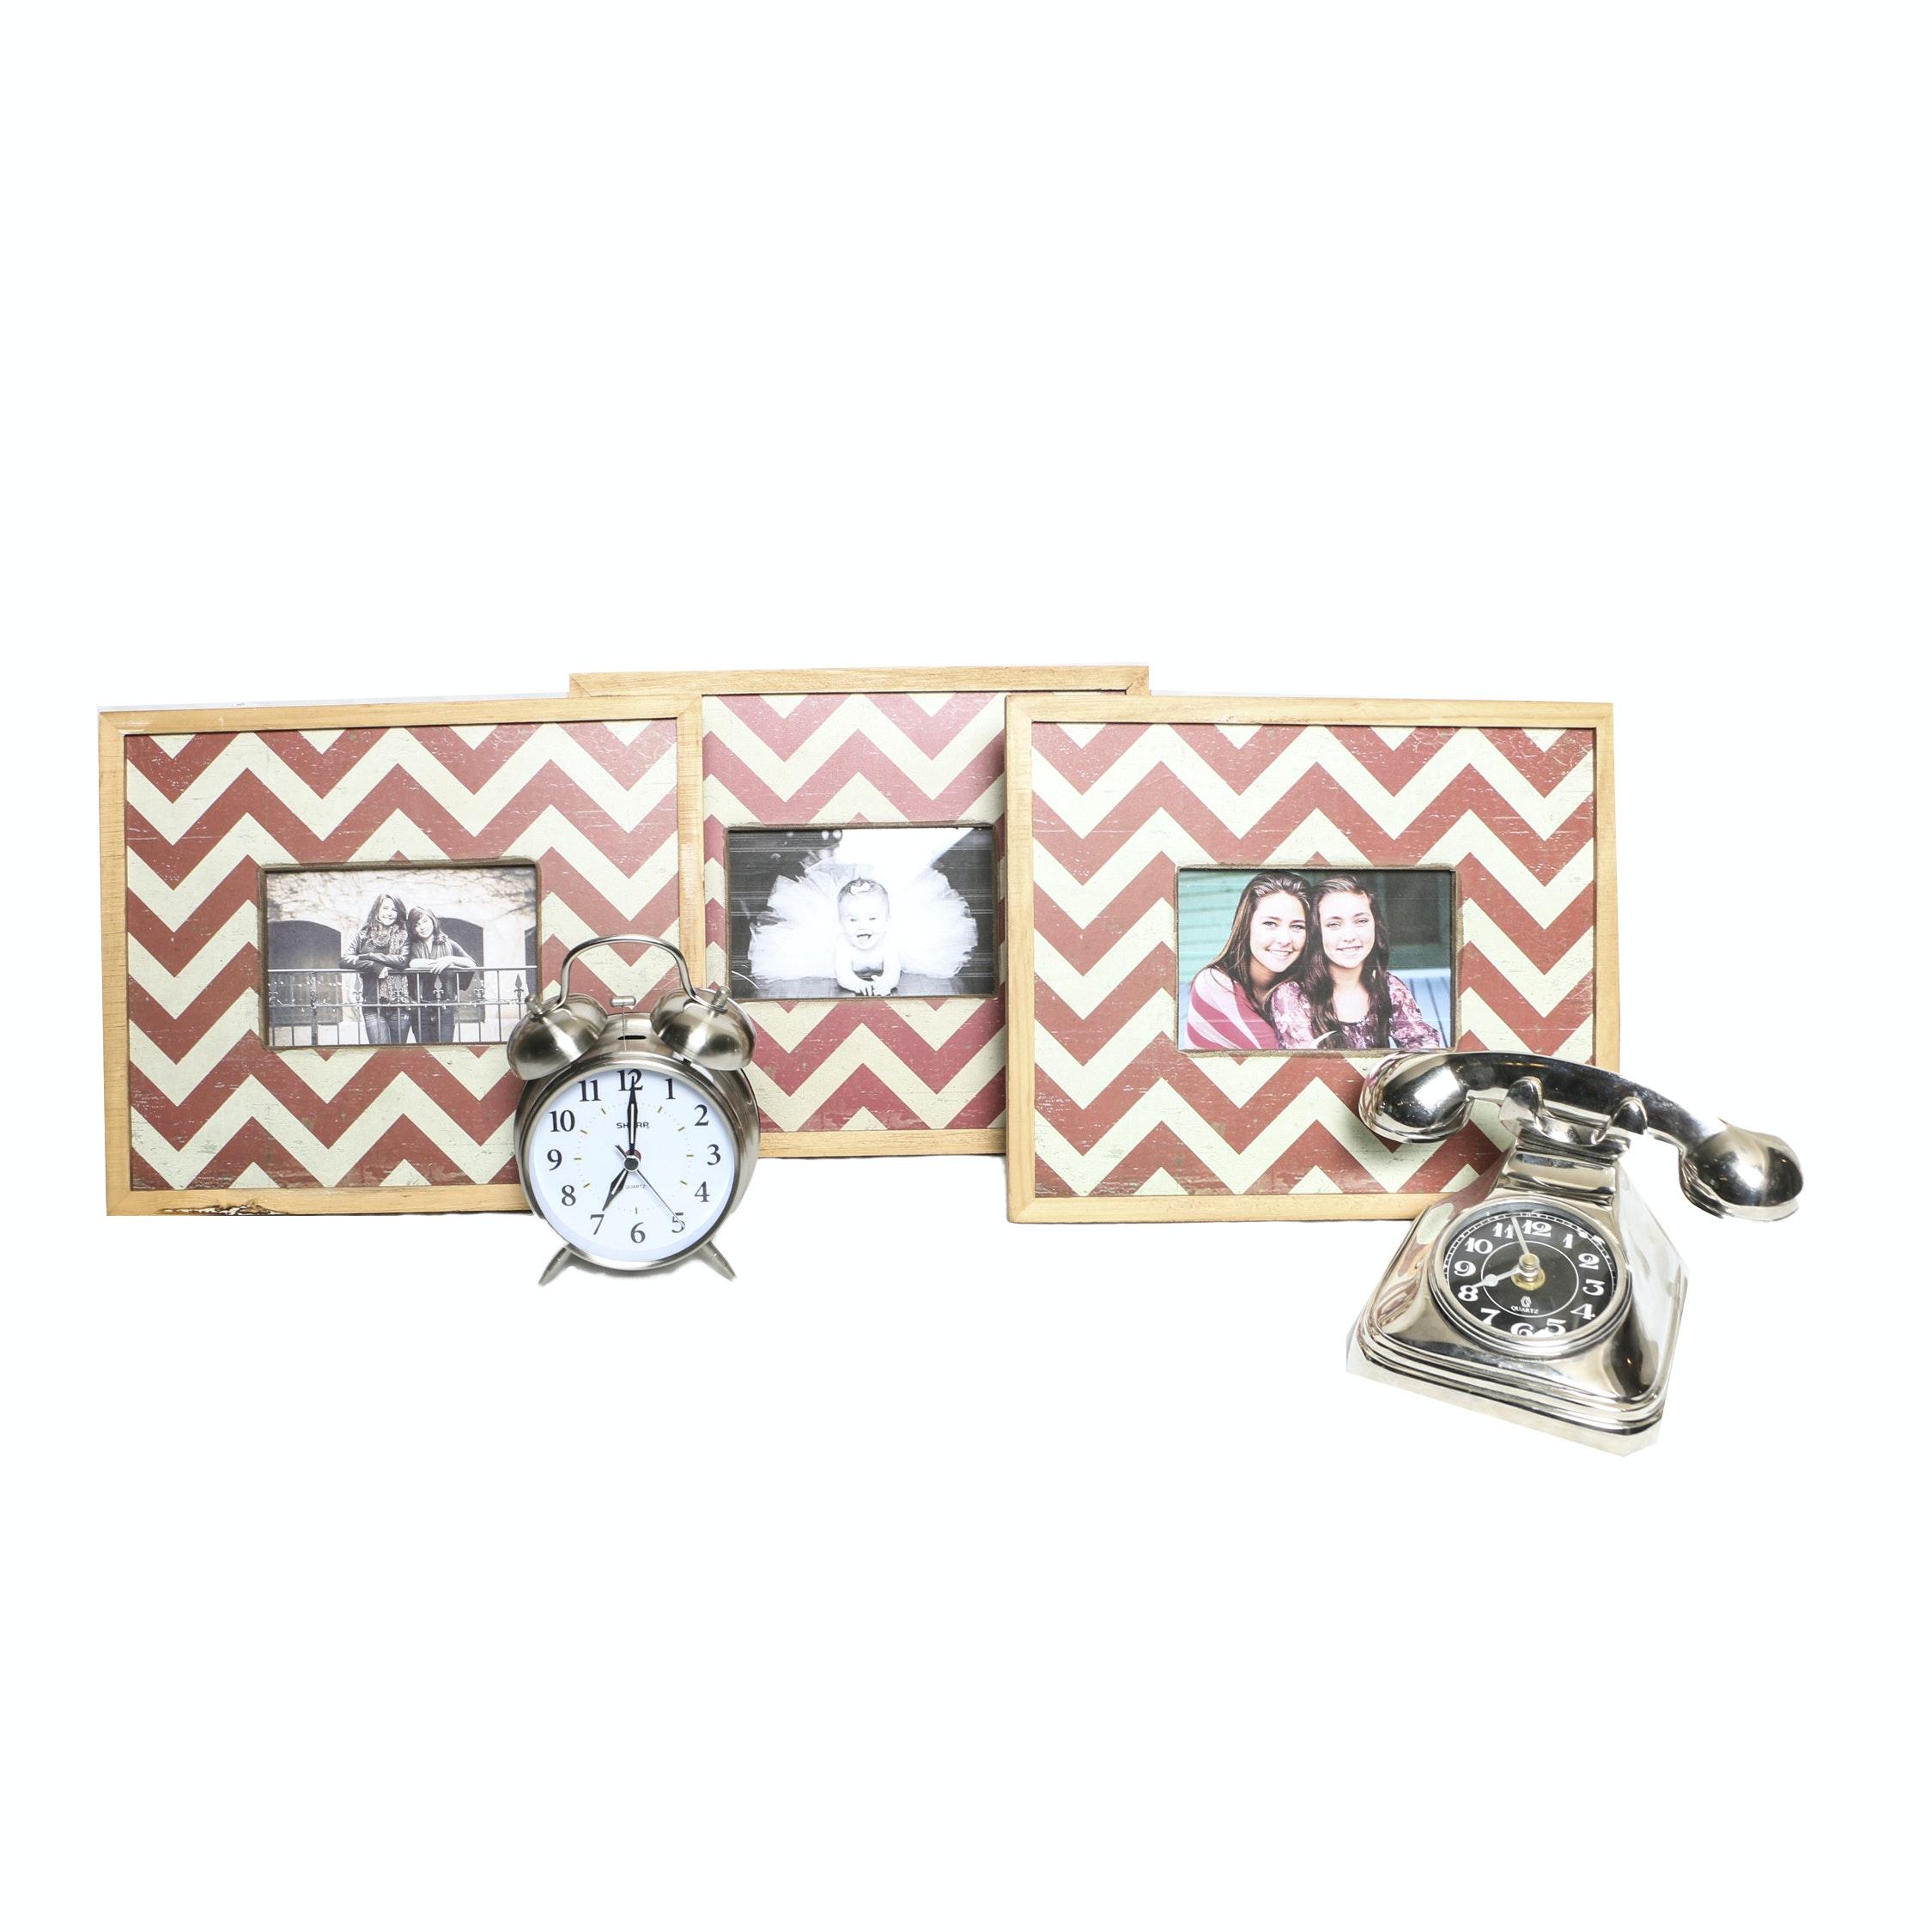 Picture Frames and Decor Including Retro Telephone Quartz Clock